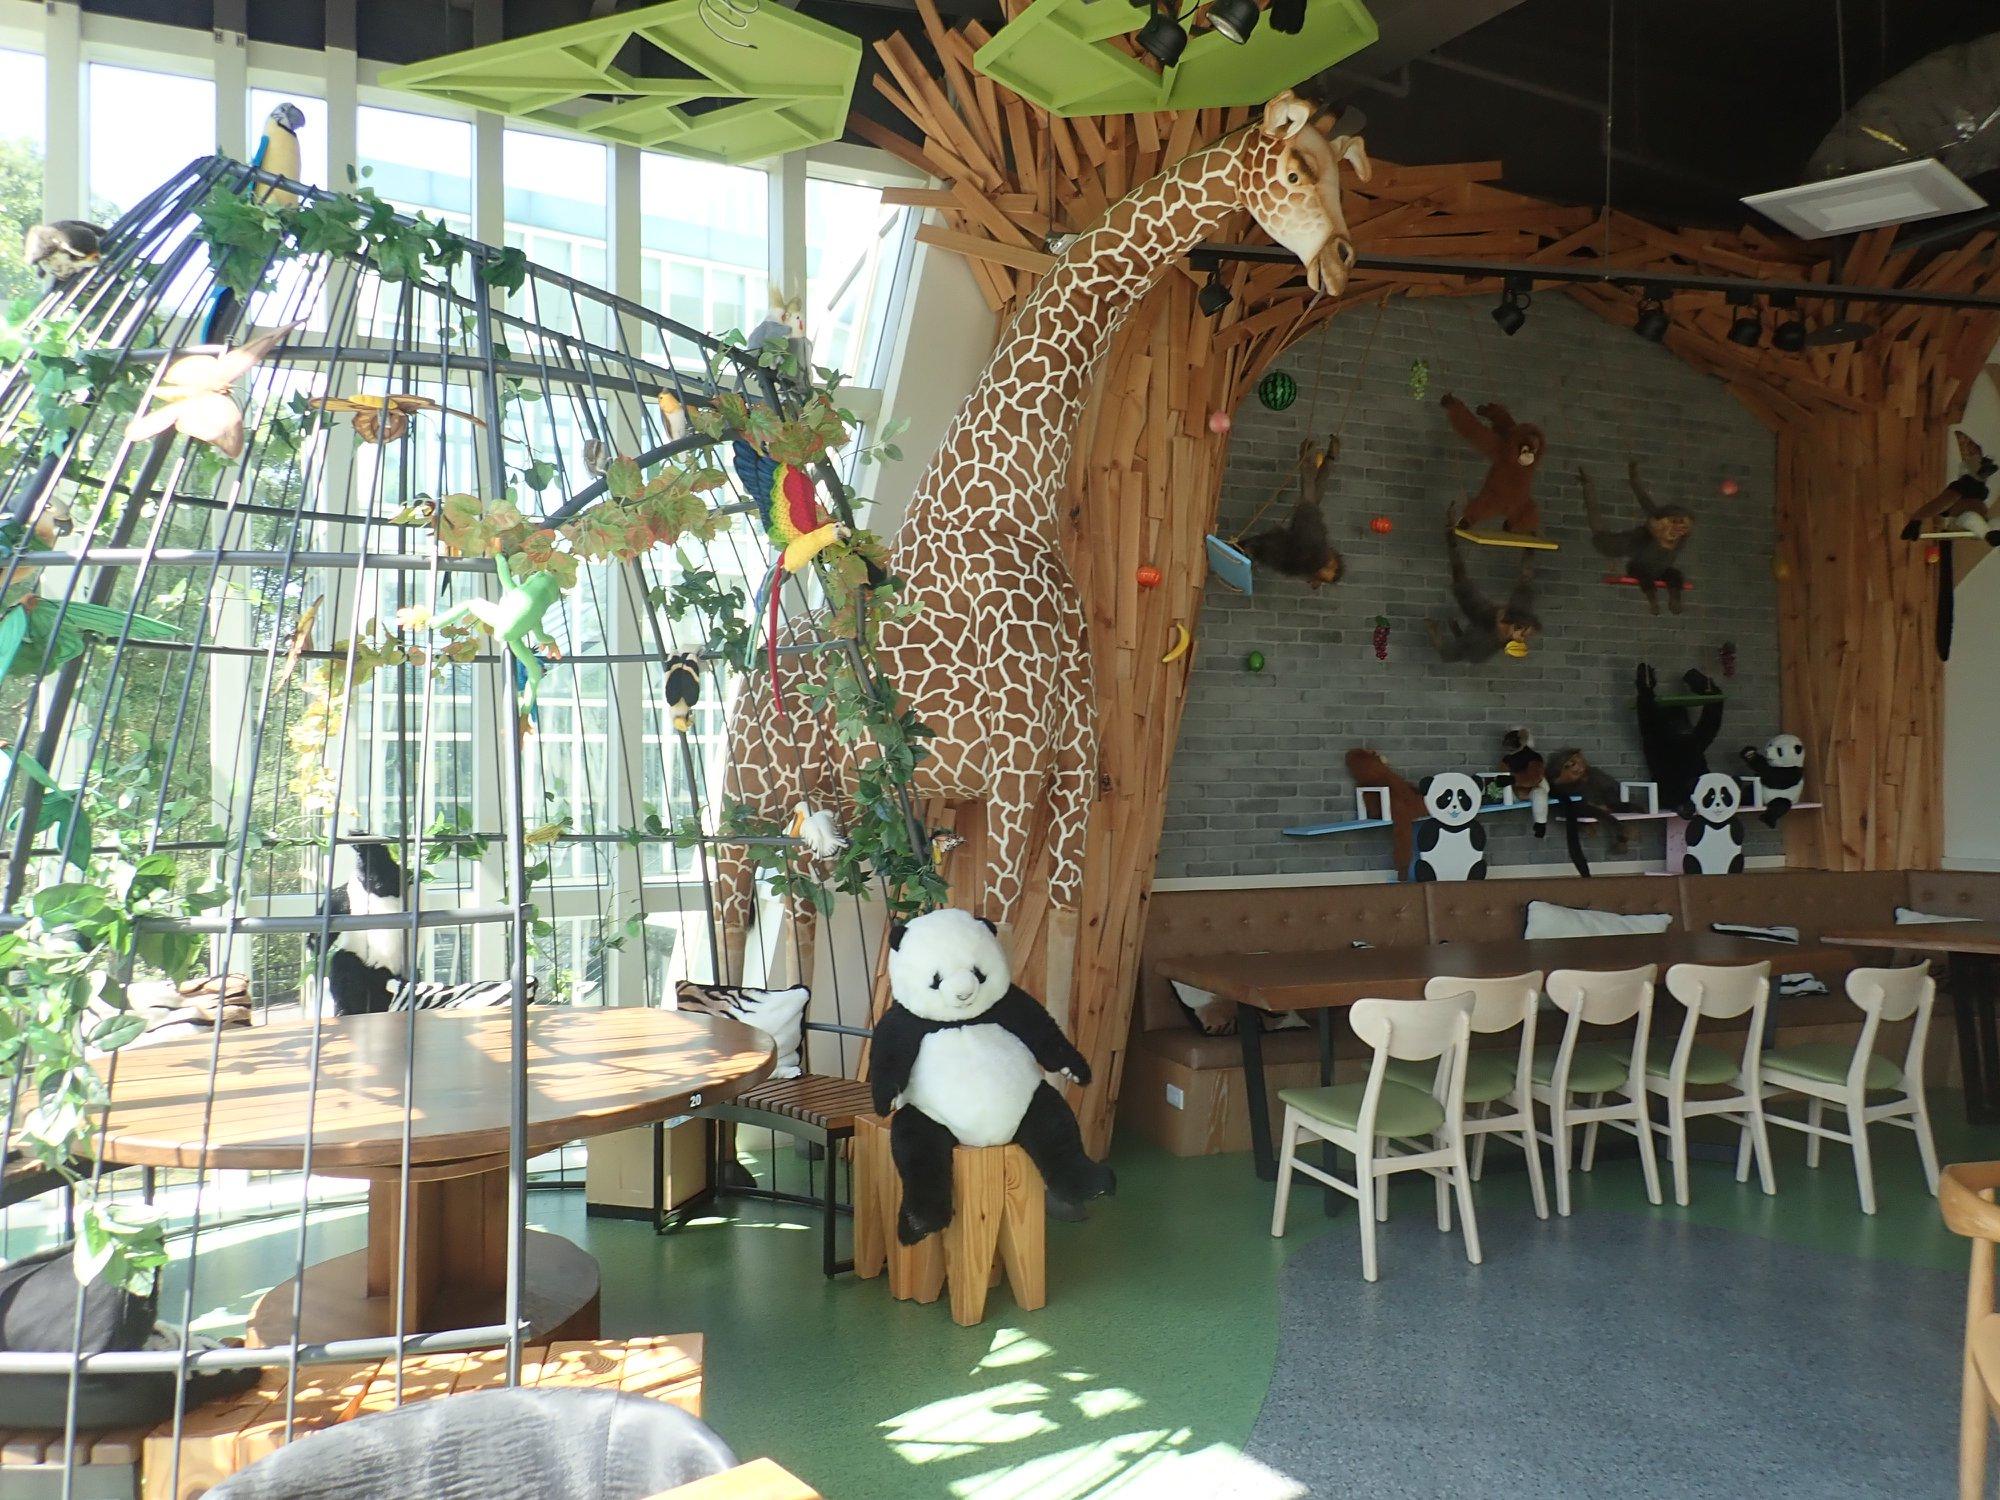 石尚貓熊餐廳-台北市立動物園親子餐廳